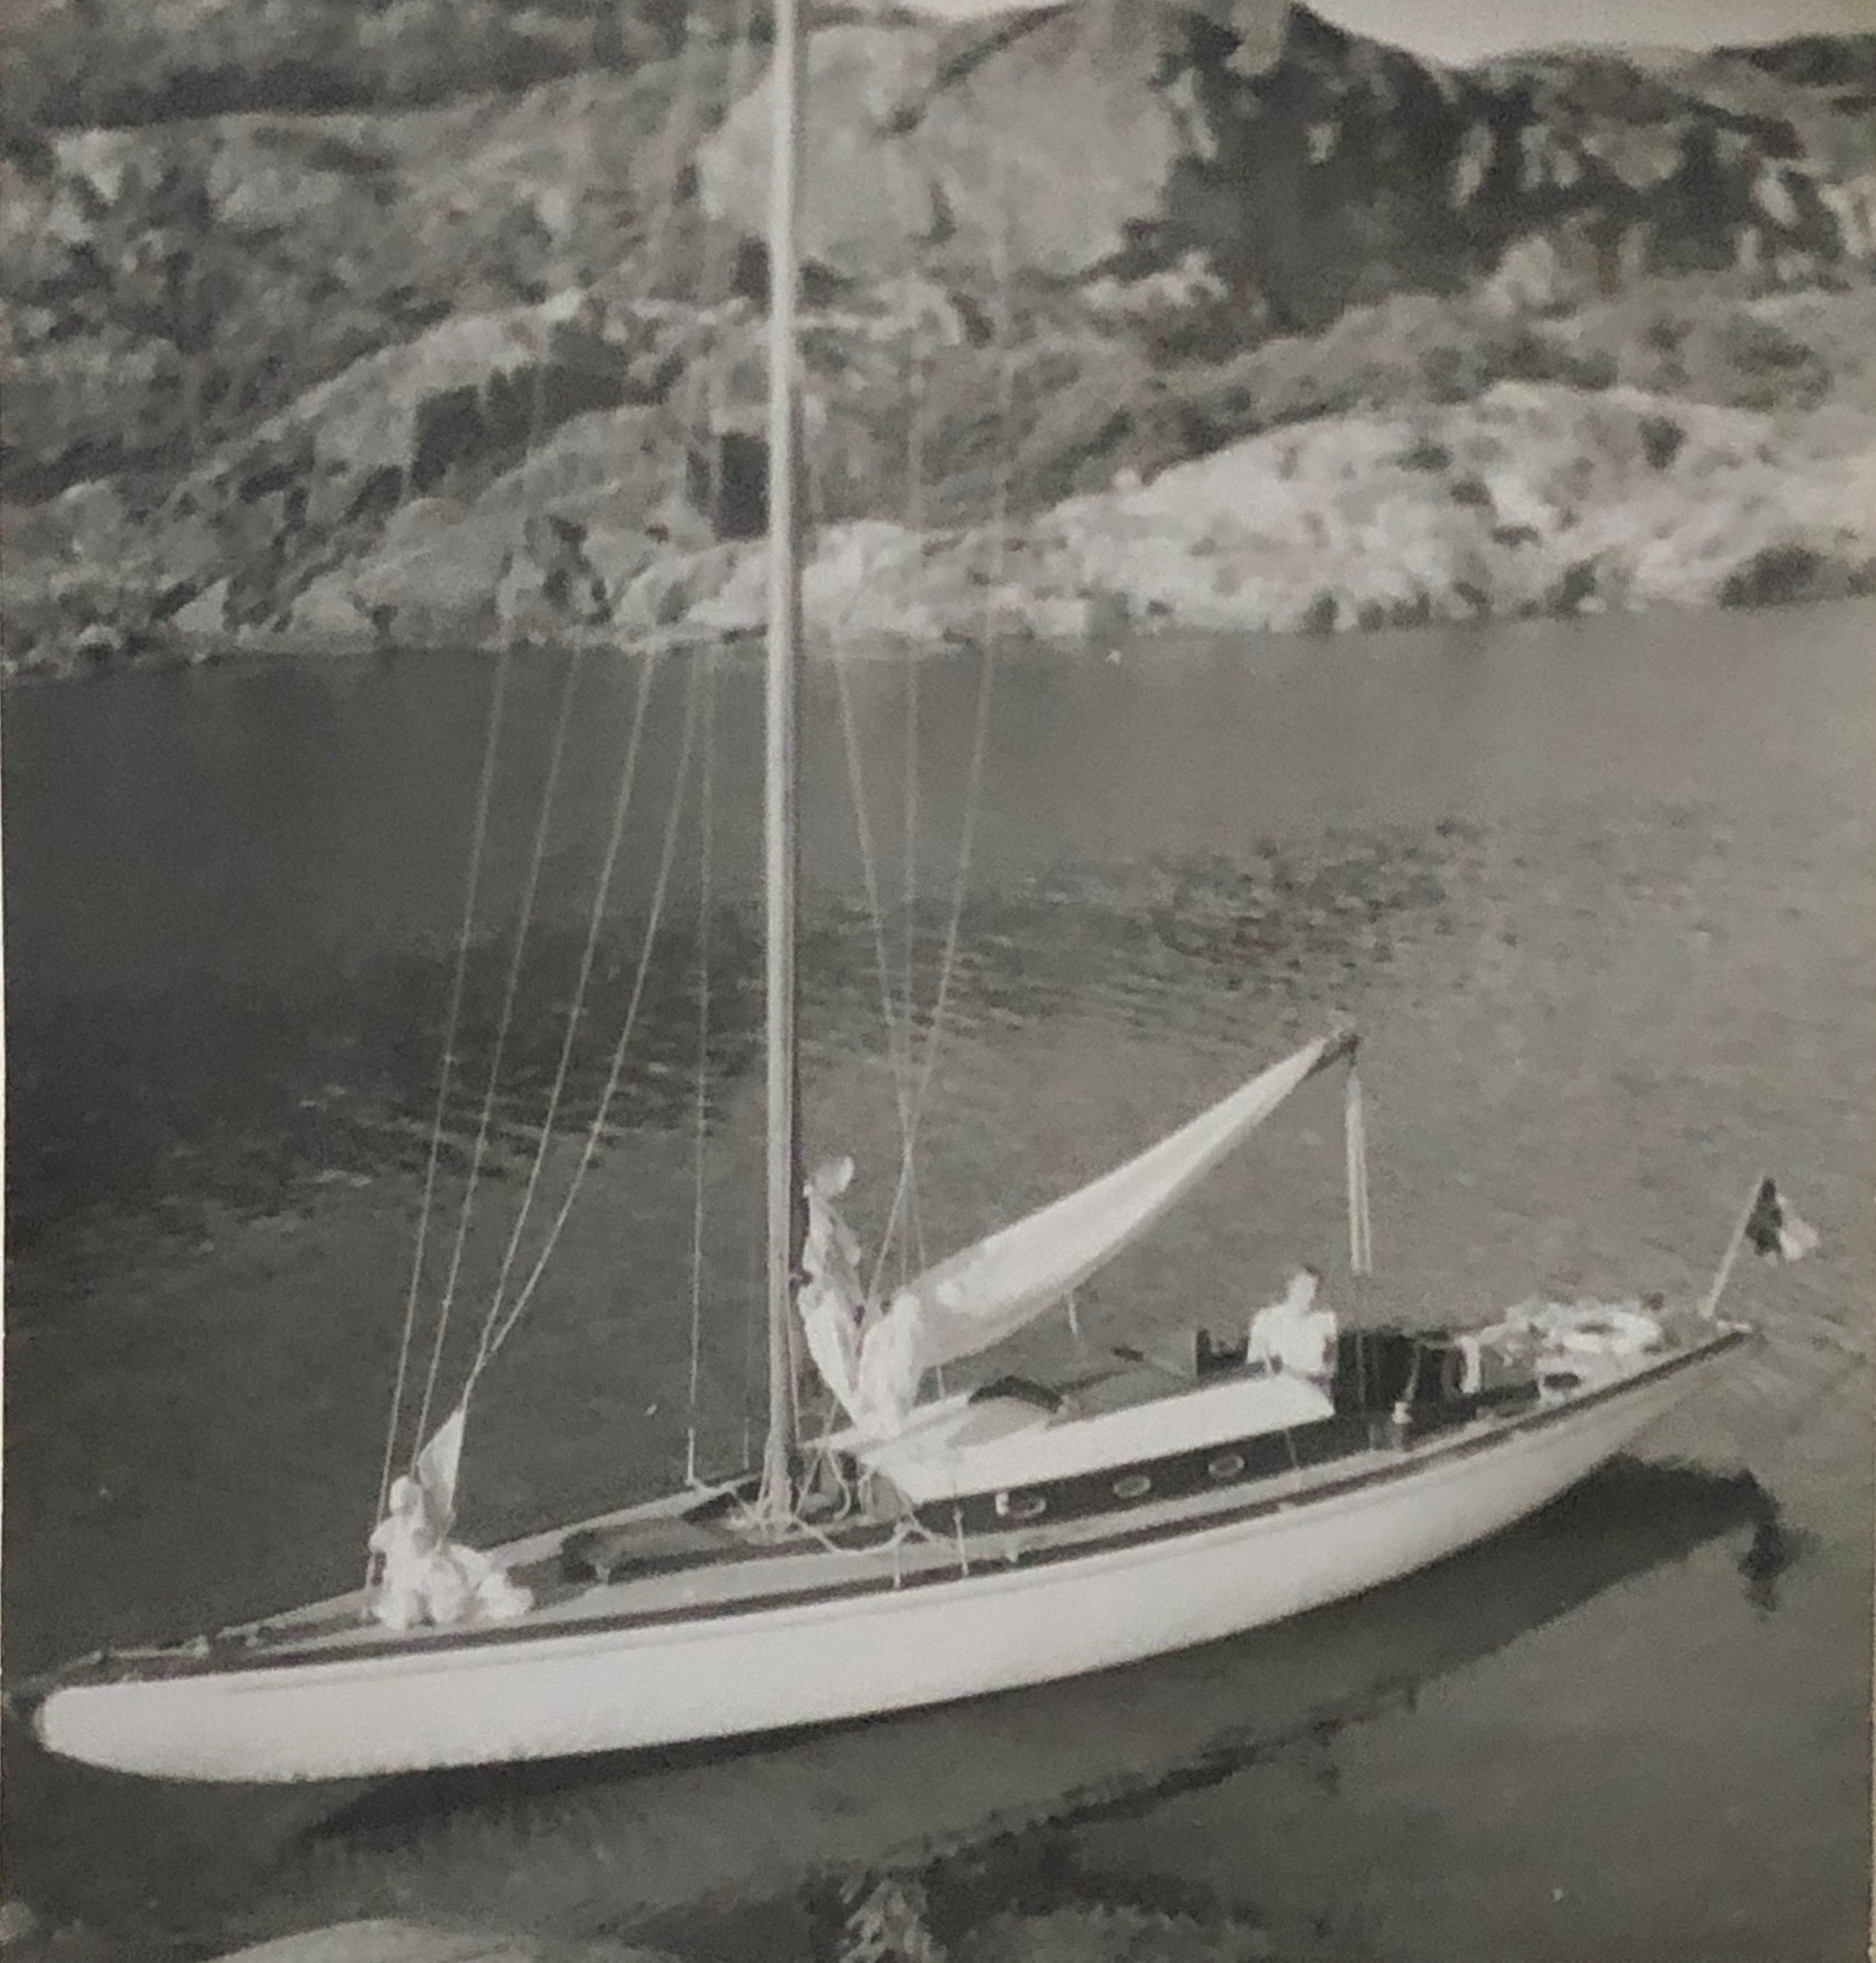 Blck and white photograph of sailing boat at anchor